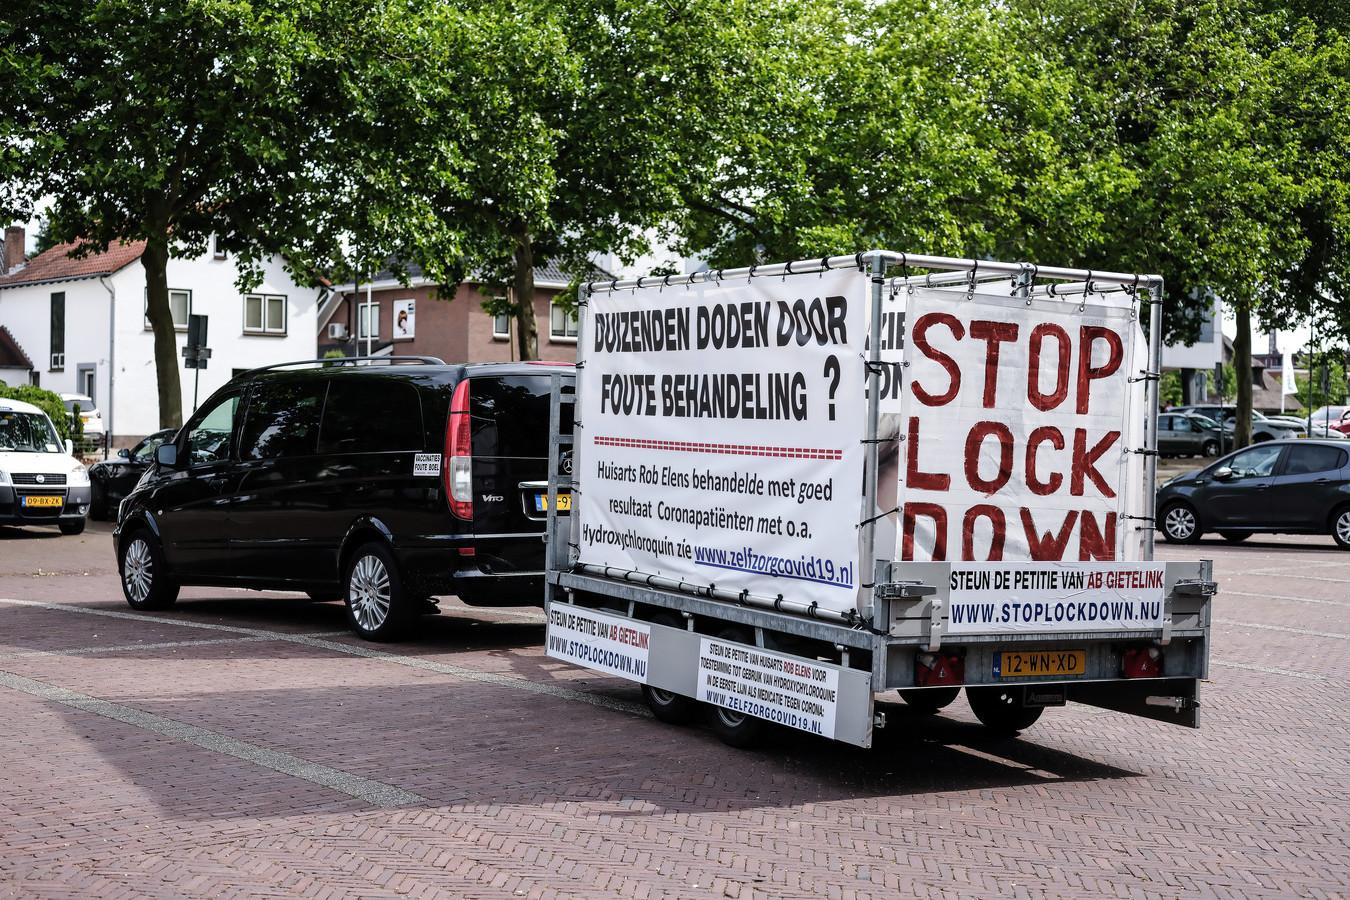 De protestkar van Kees Faasse. Foto: Jan Ruland van den Brink